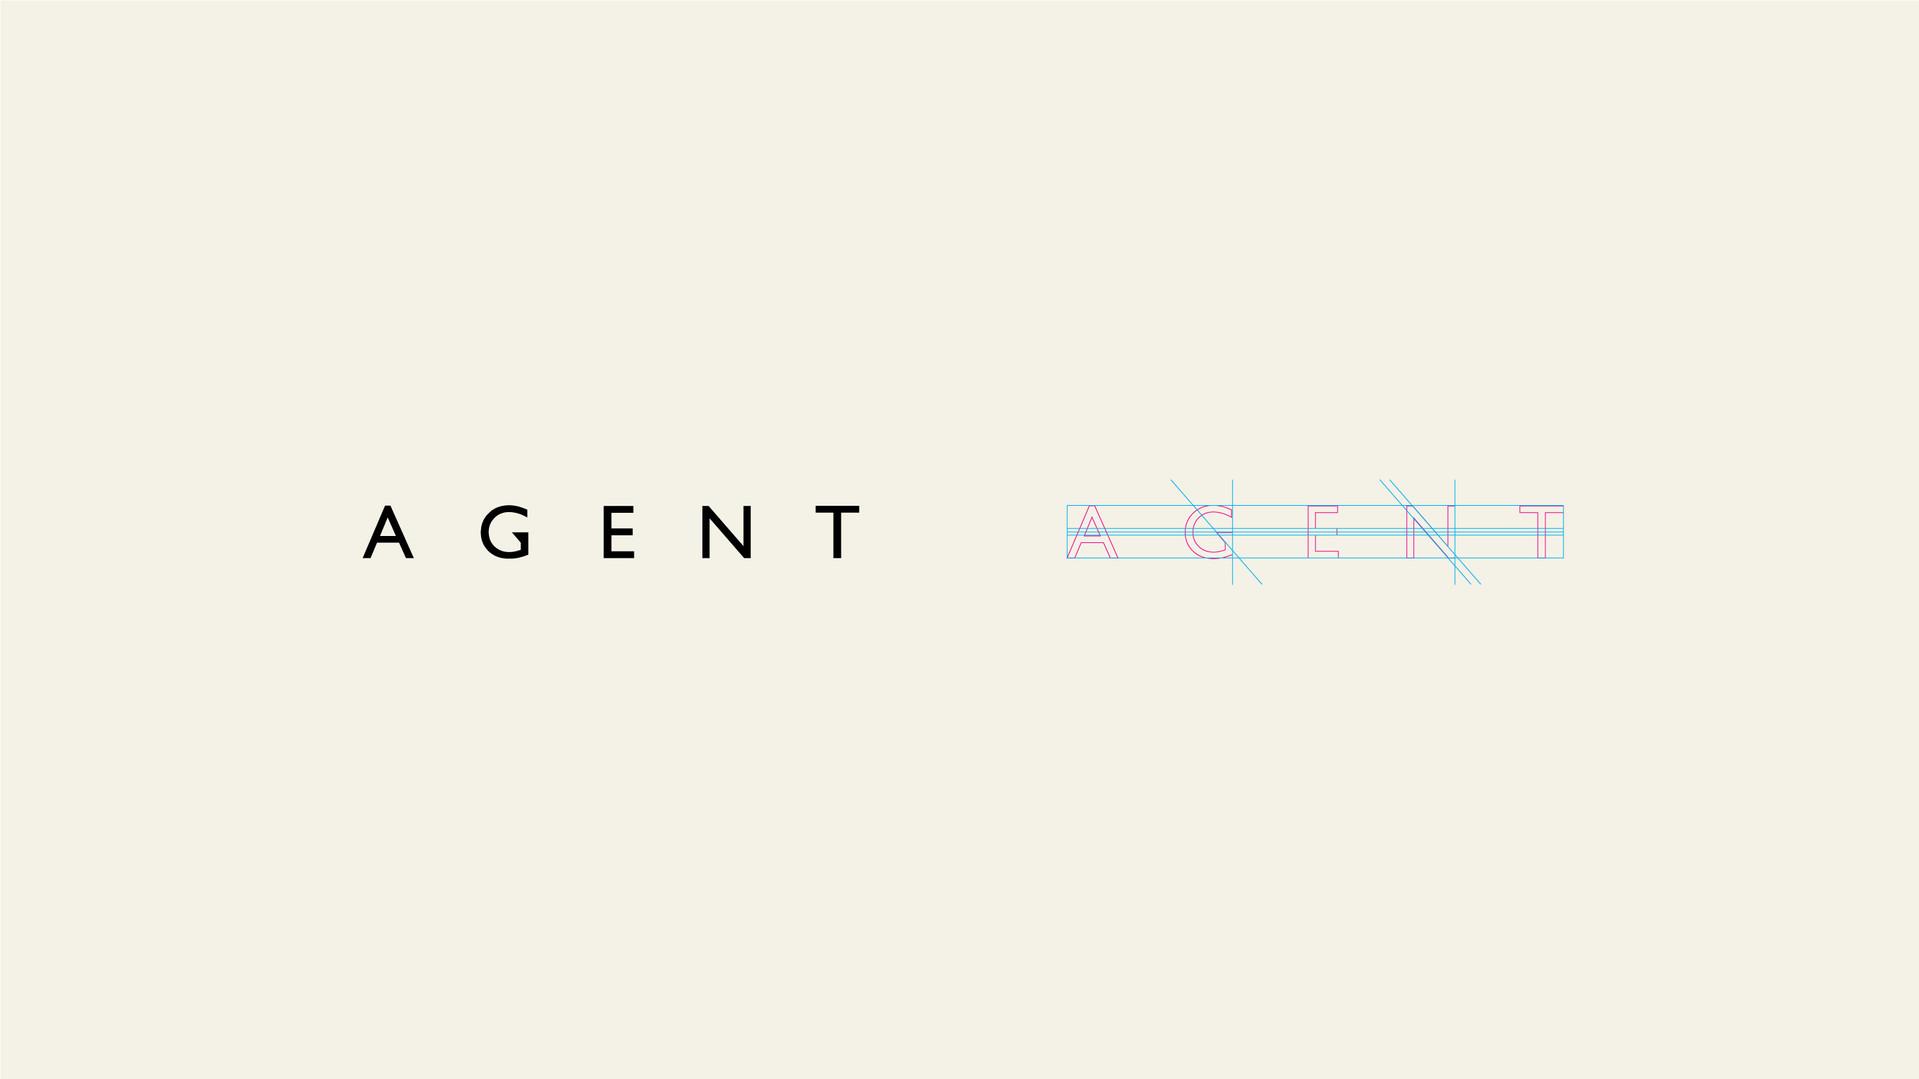 agentnewyork.com